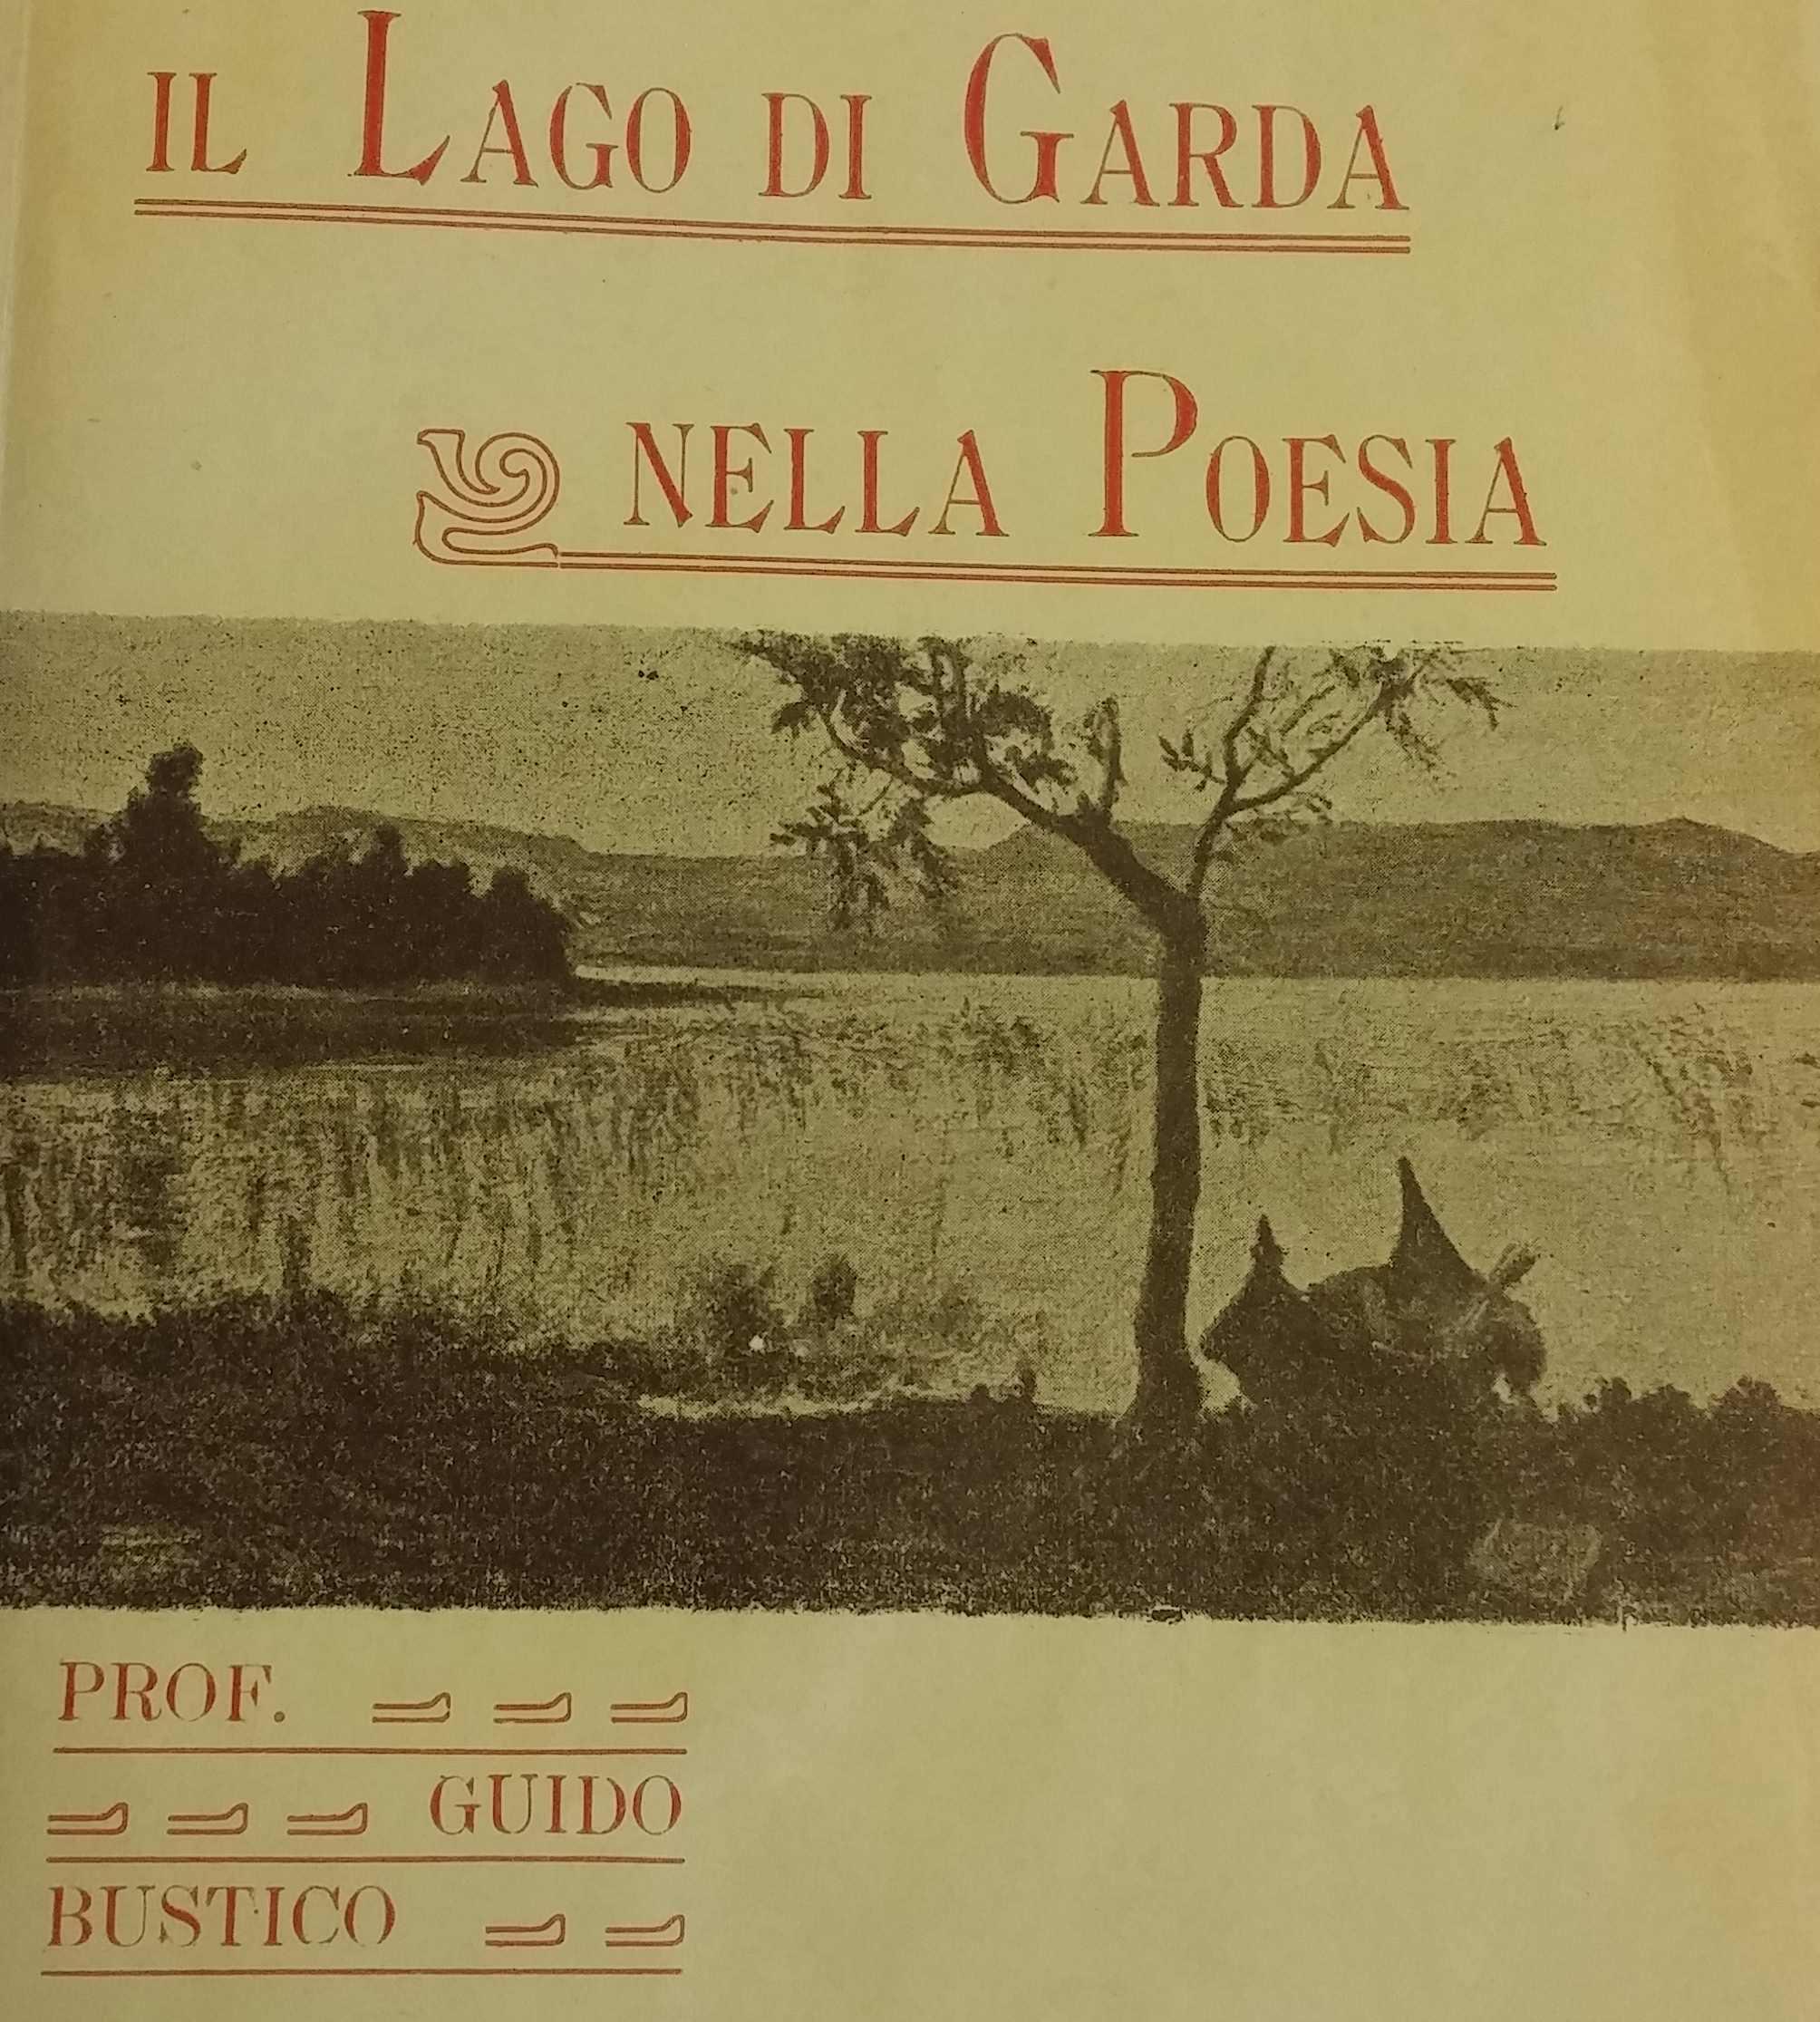 Guido Bustico